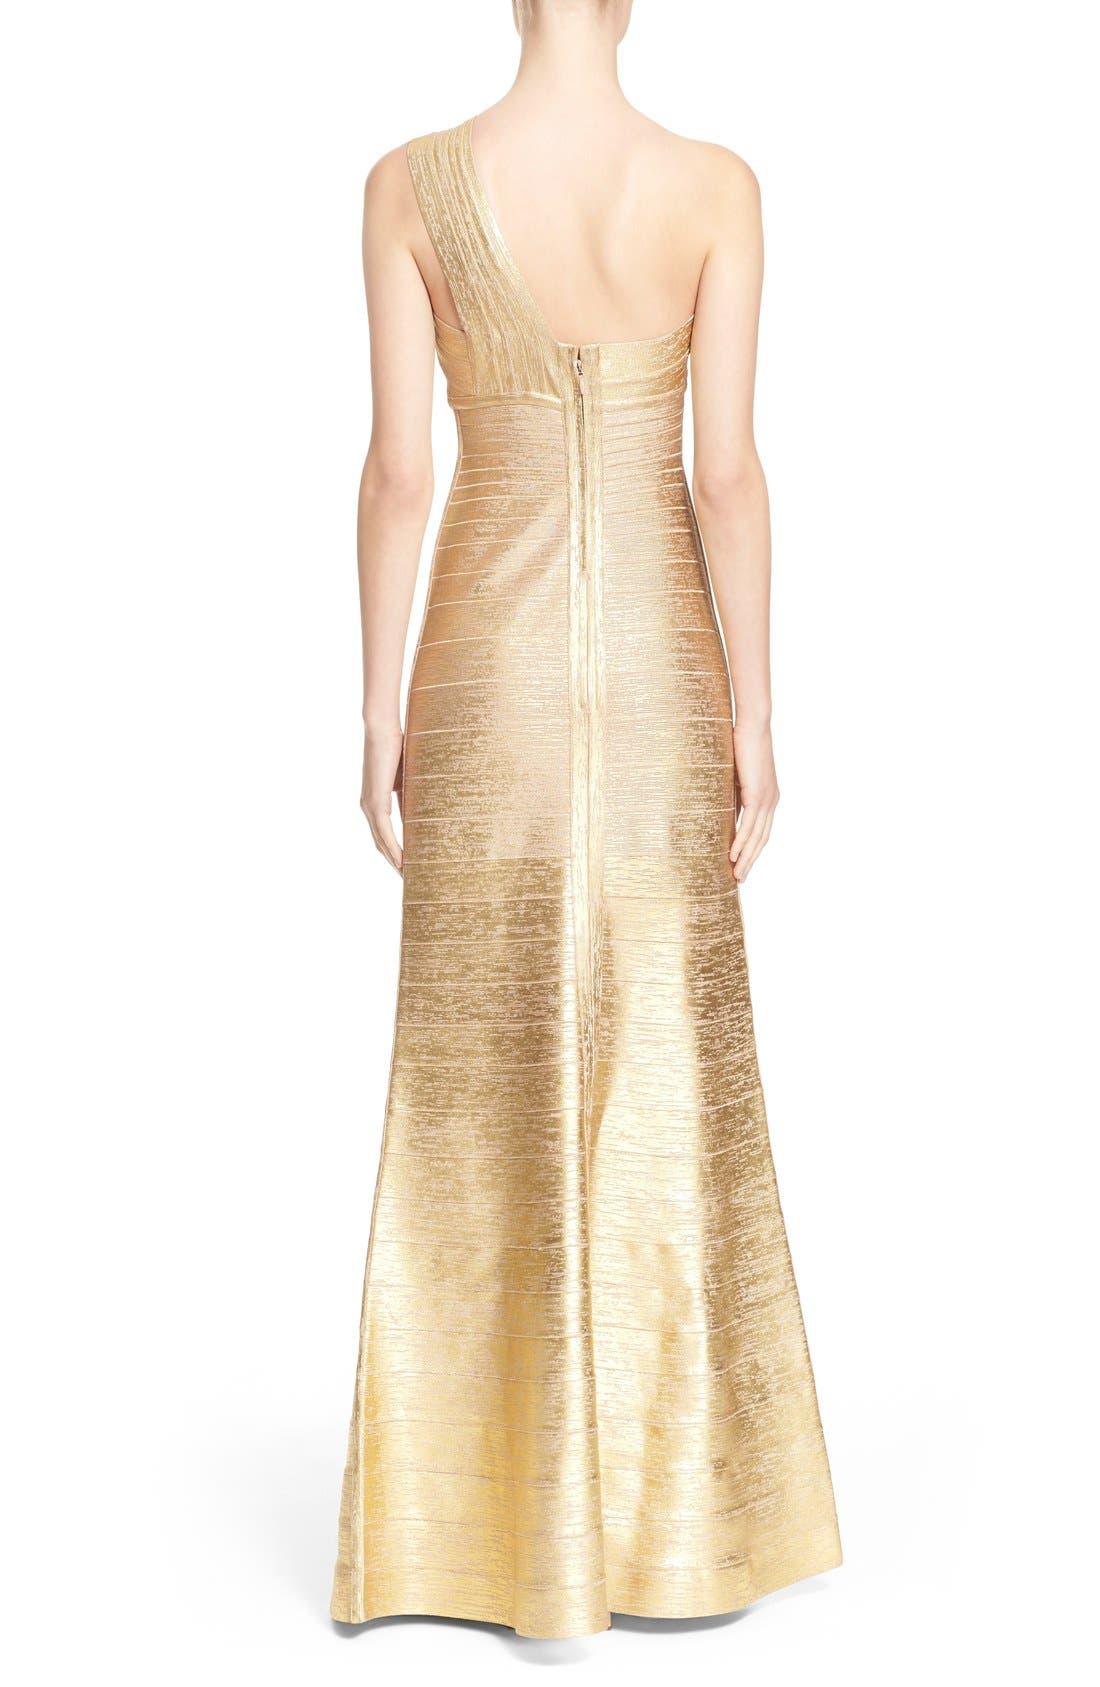 Alternate Image 2  - Herve Leger 'Lilyanna' One-Shoulder Woodgrain Metallic Gown